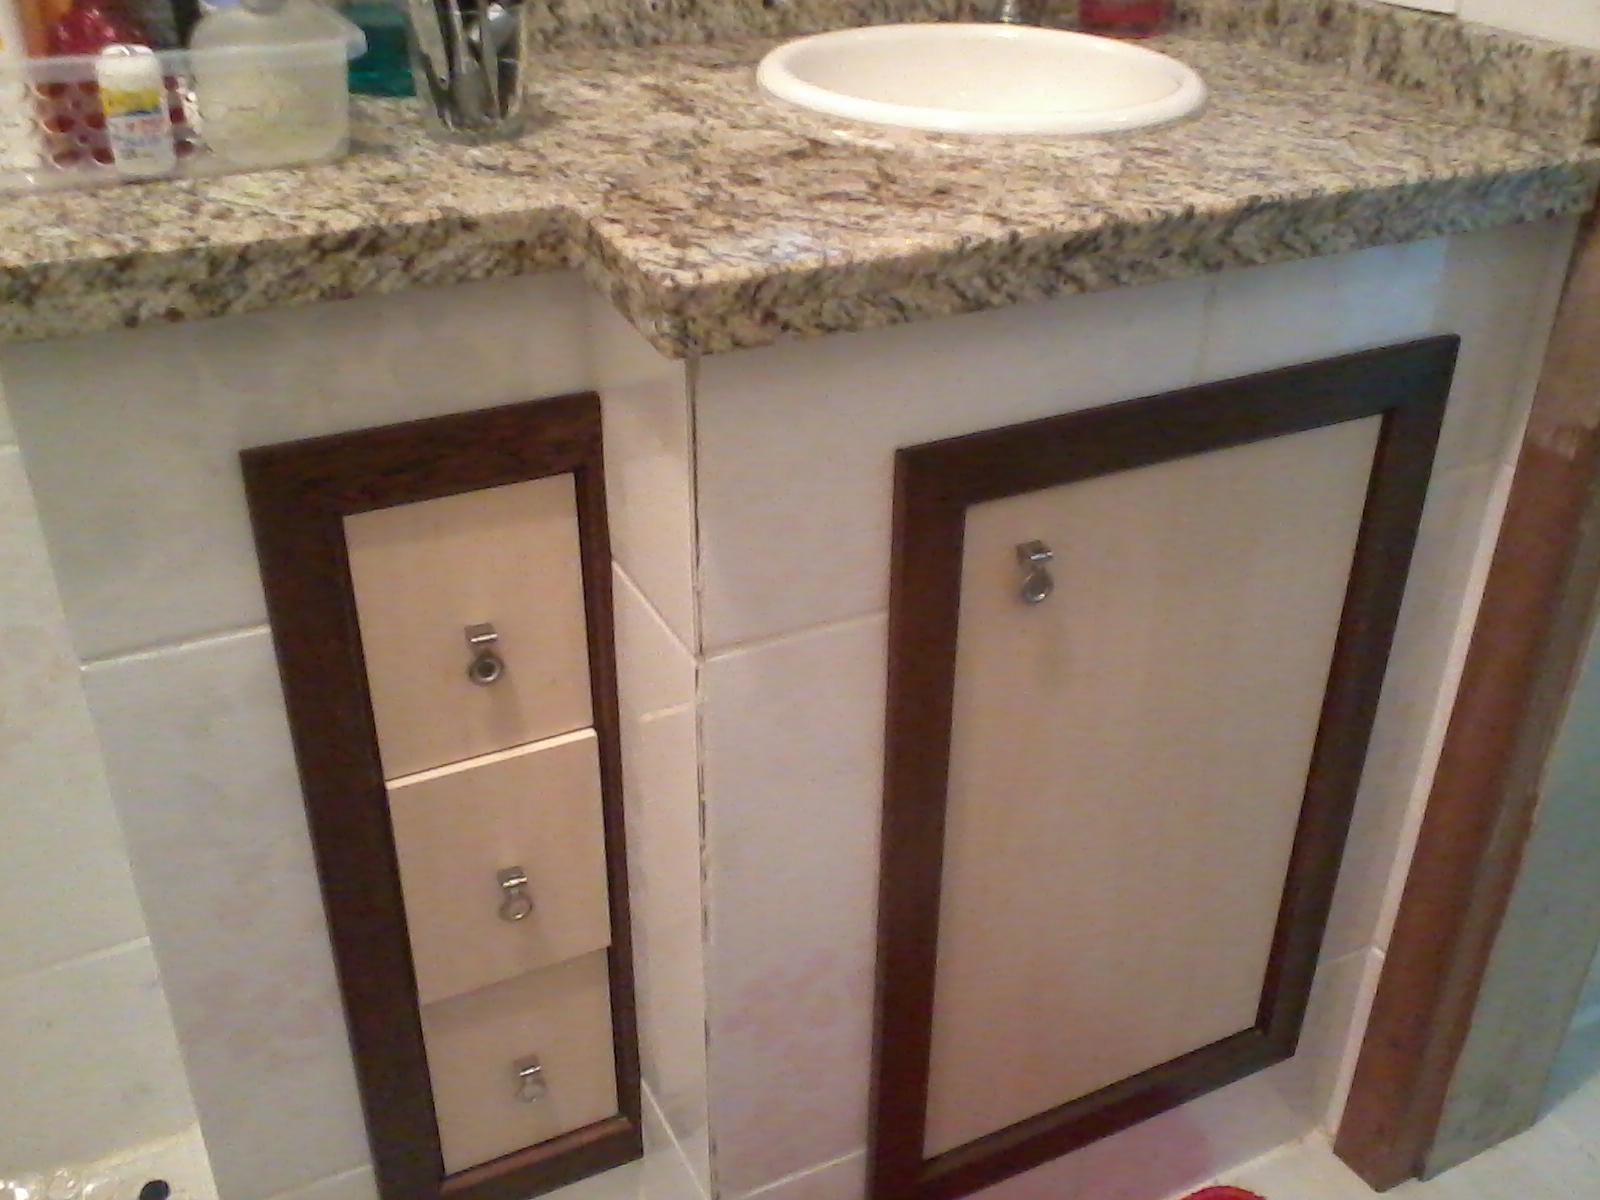 Armário para banheiro em MDF com caixilho em madeira maciça em  #916C3A 1600x1200 Armario Banheiro Suspenso